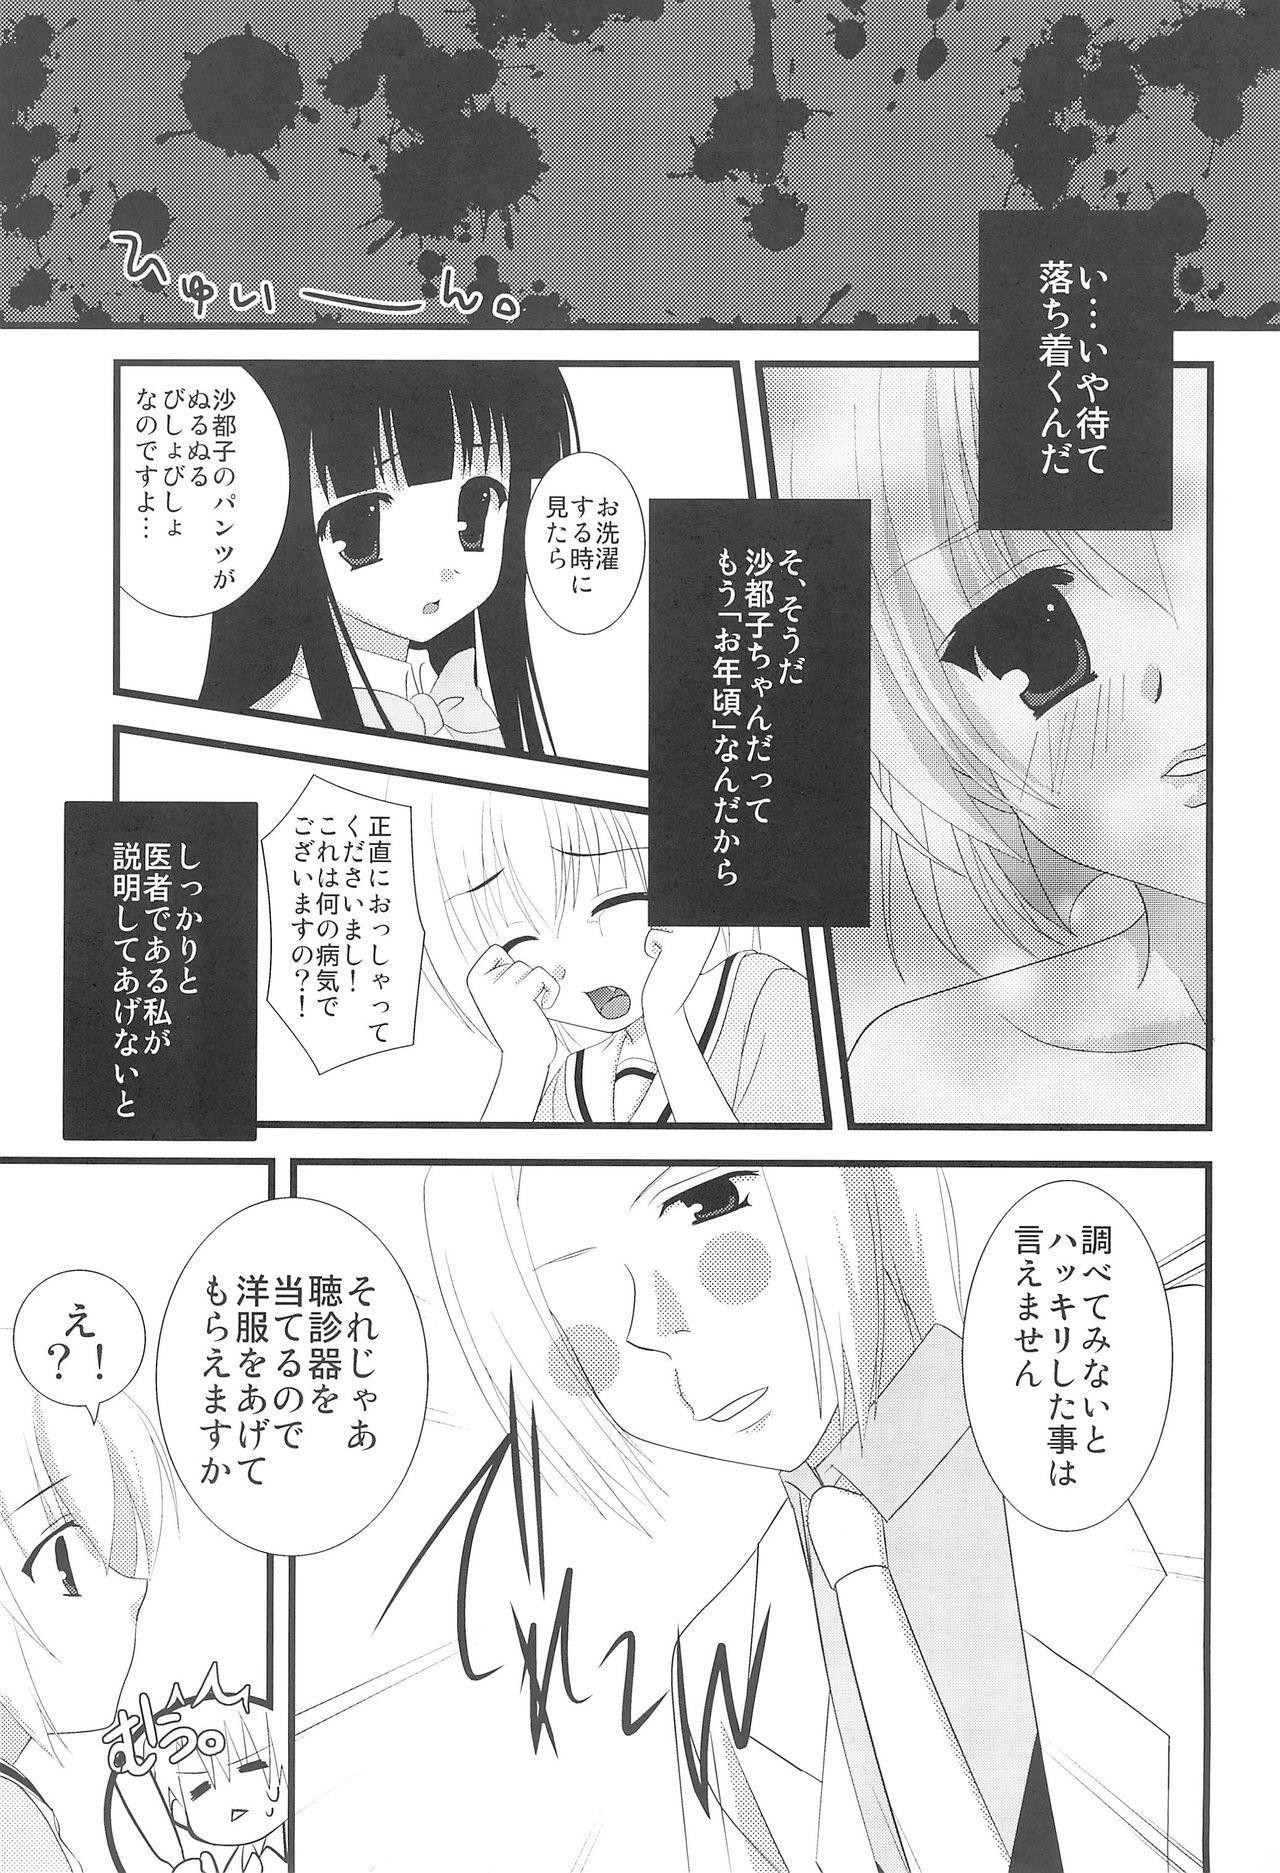 Higurashi no Nuku Koro ni Hamegoroshi-hen 10